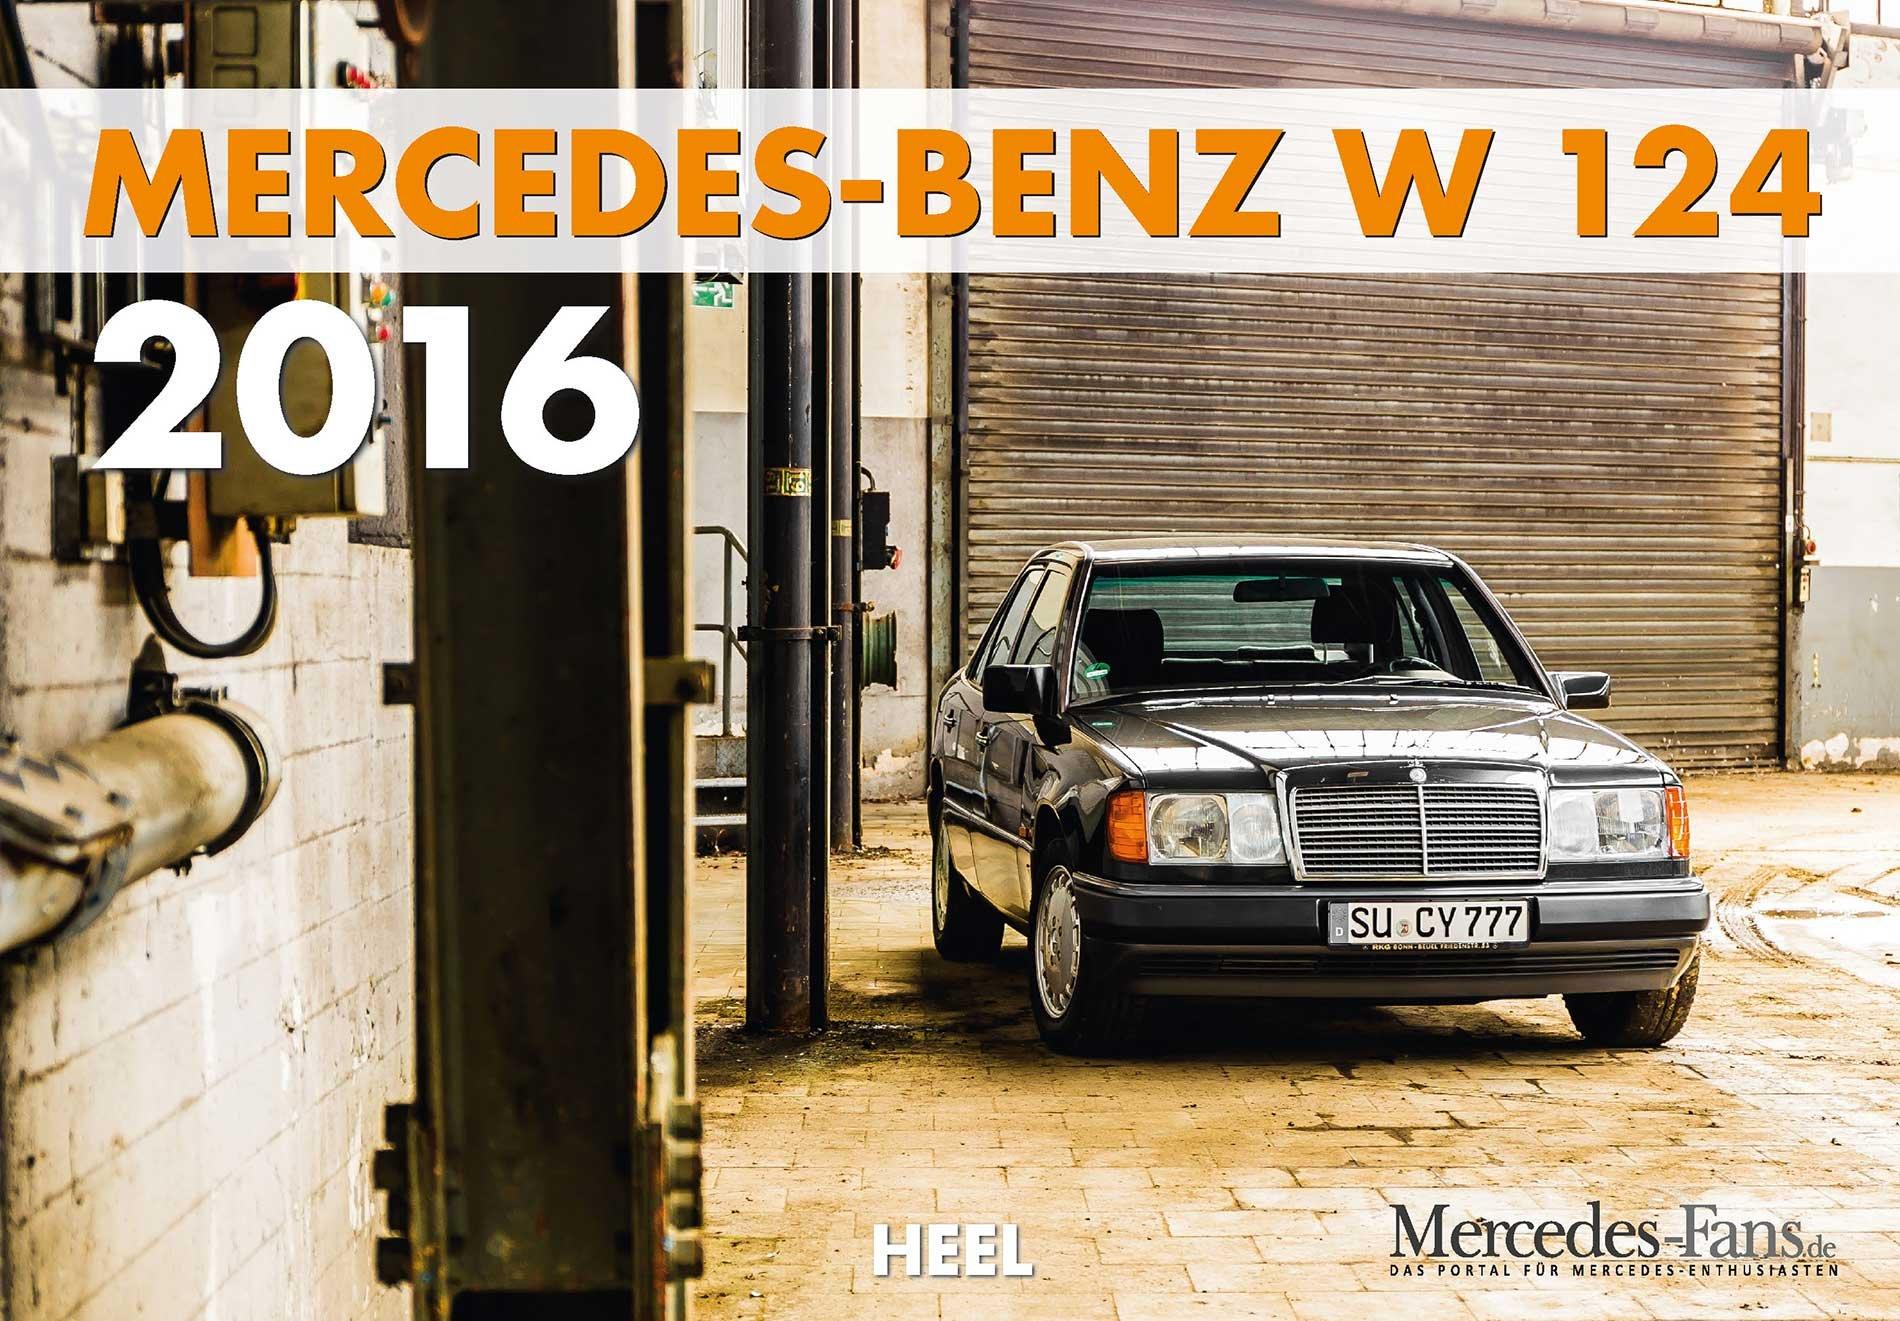 Mercedes-Benz W 124 2016